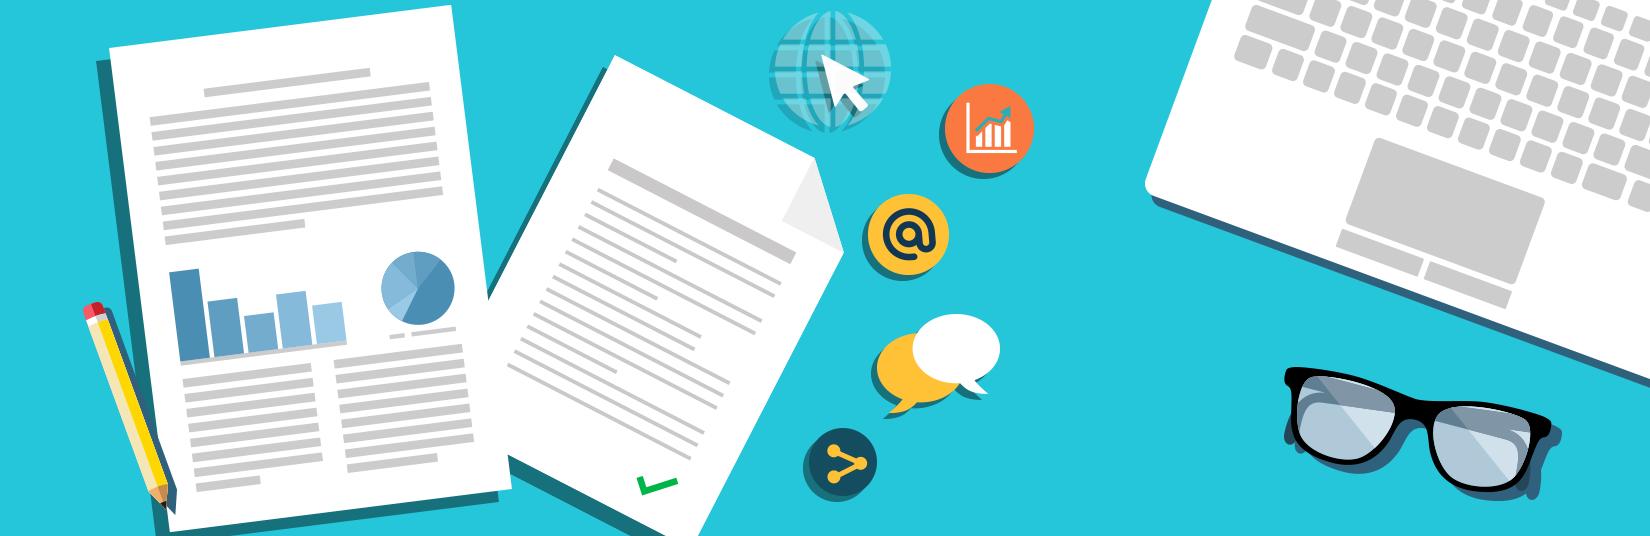 création de contenu, «Deux erreurs fréquentes lorsqu'on parle de création de contenu.», Pagup, Agence SEO